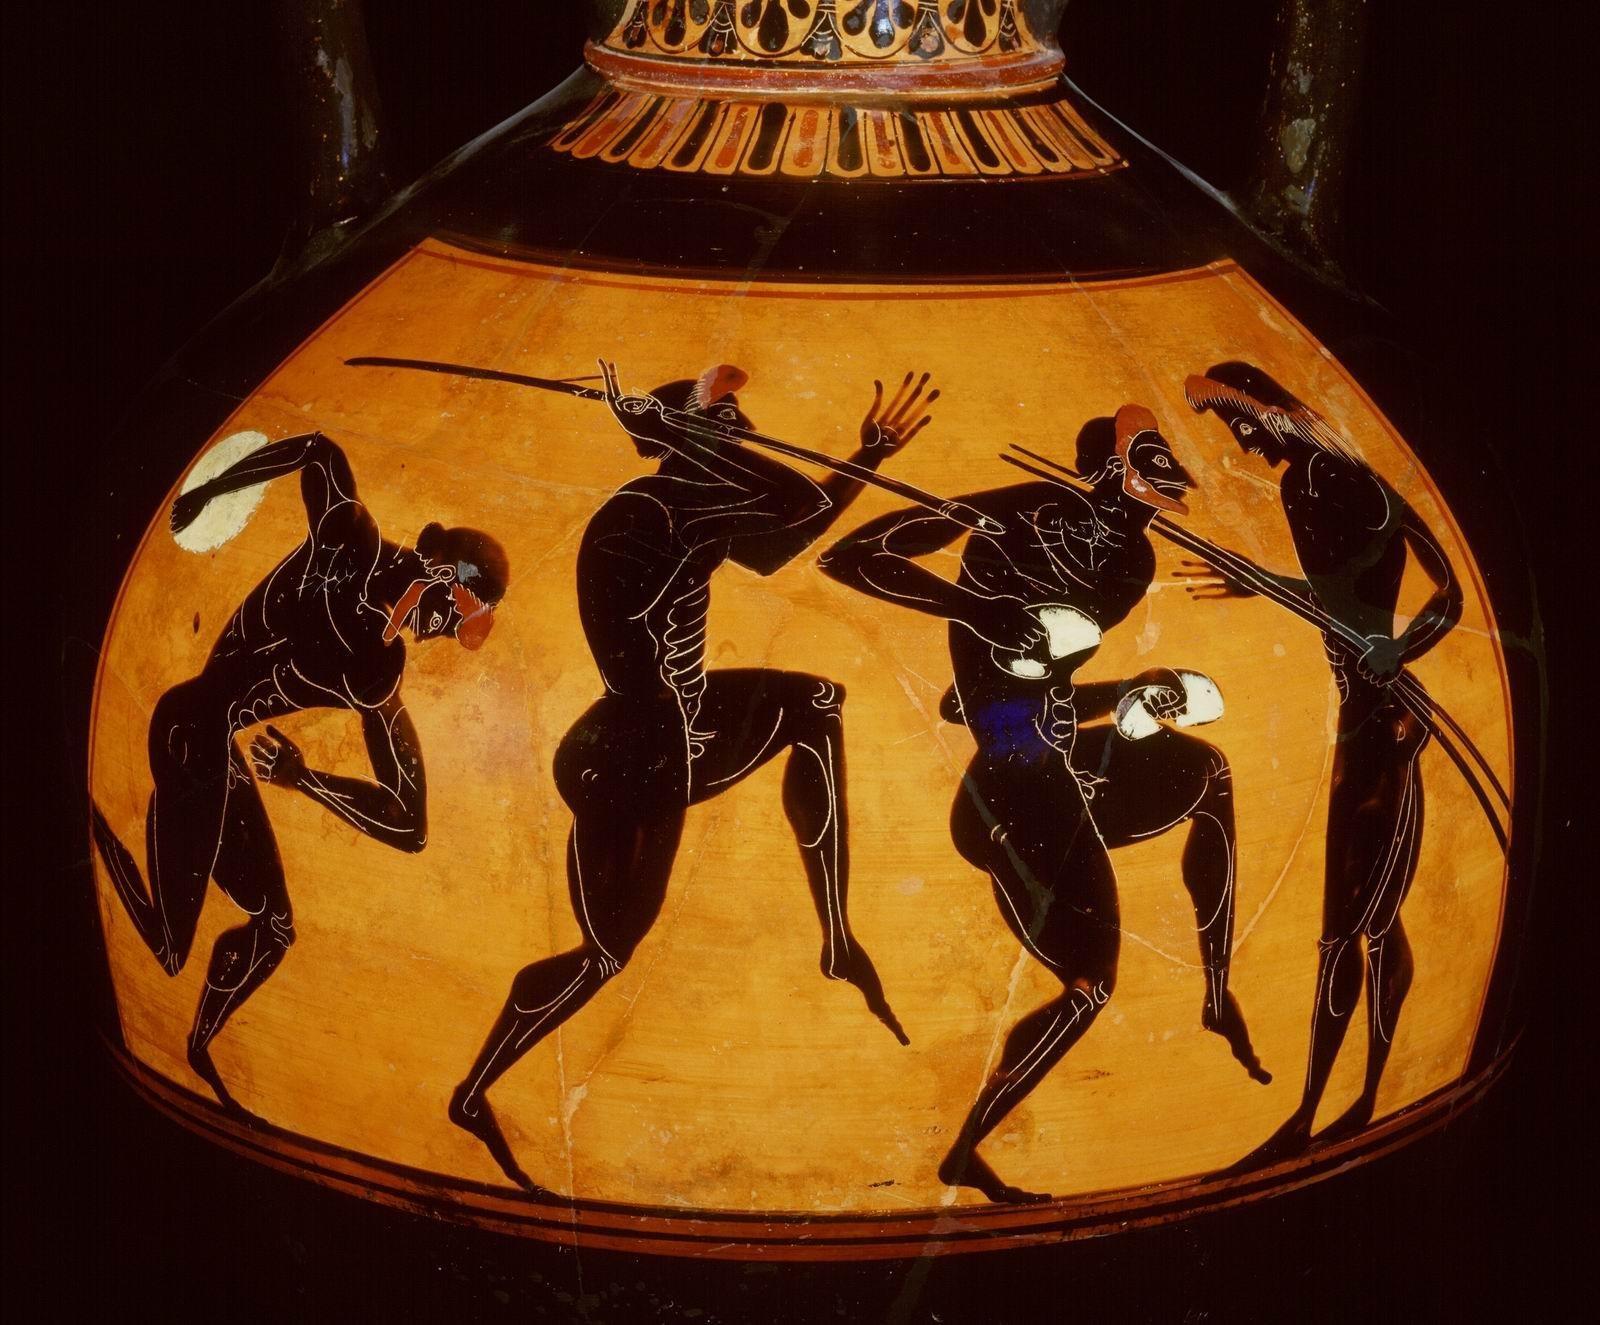 Zo verdwenen de antieke Olympische Spelen: christenen vonden competitiesfeer niet opvoedend